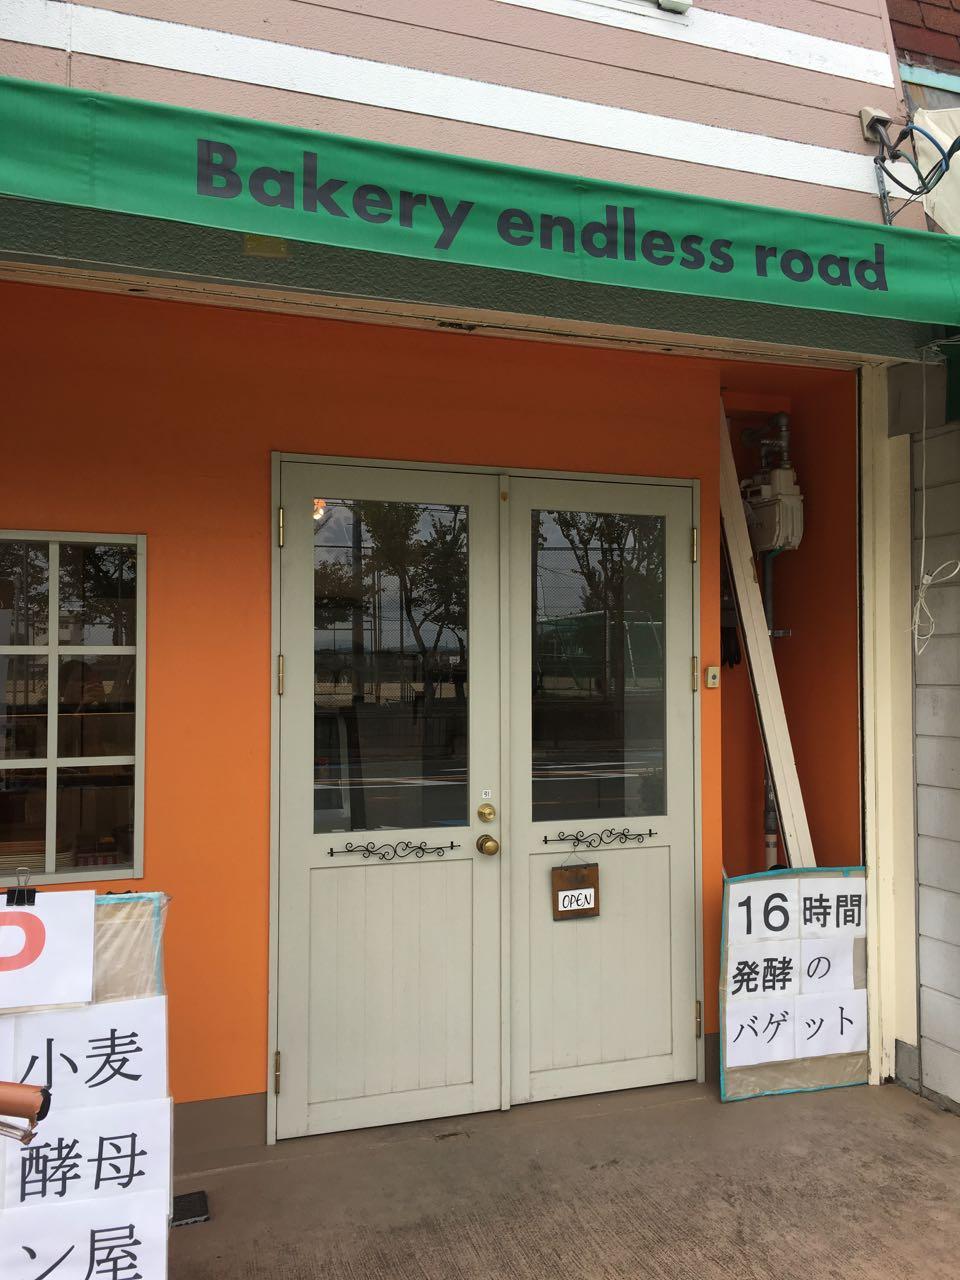 箕面高校近く!ベーカリーエンドレスロード(Bakery endless road)